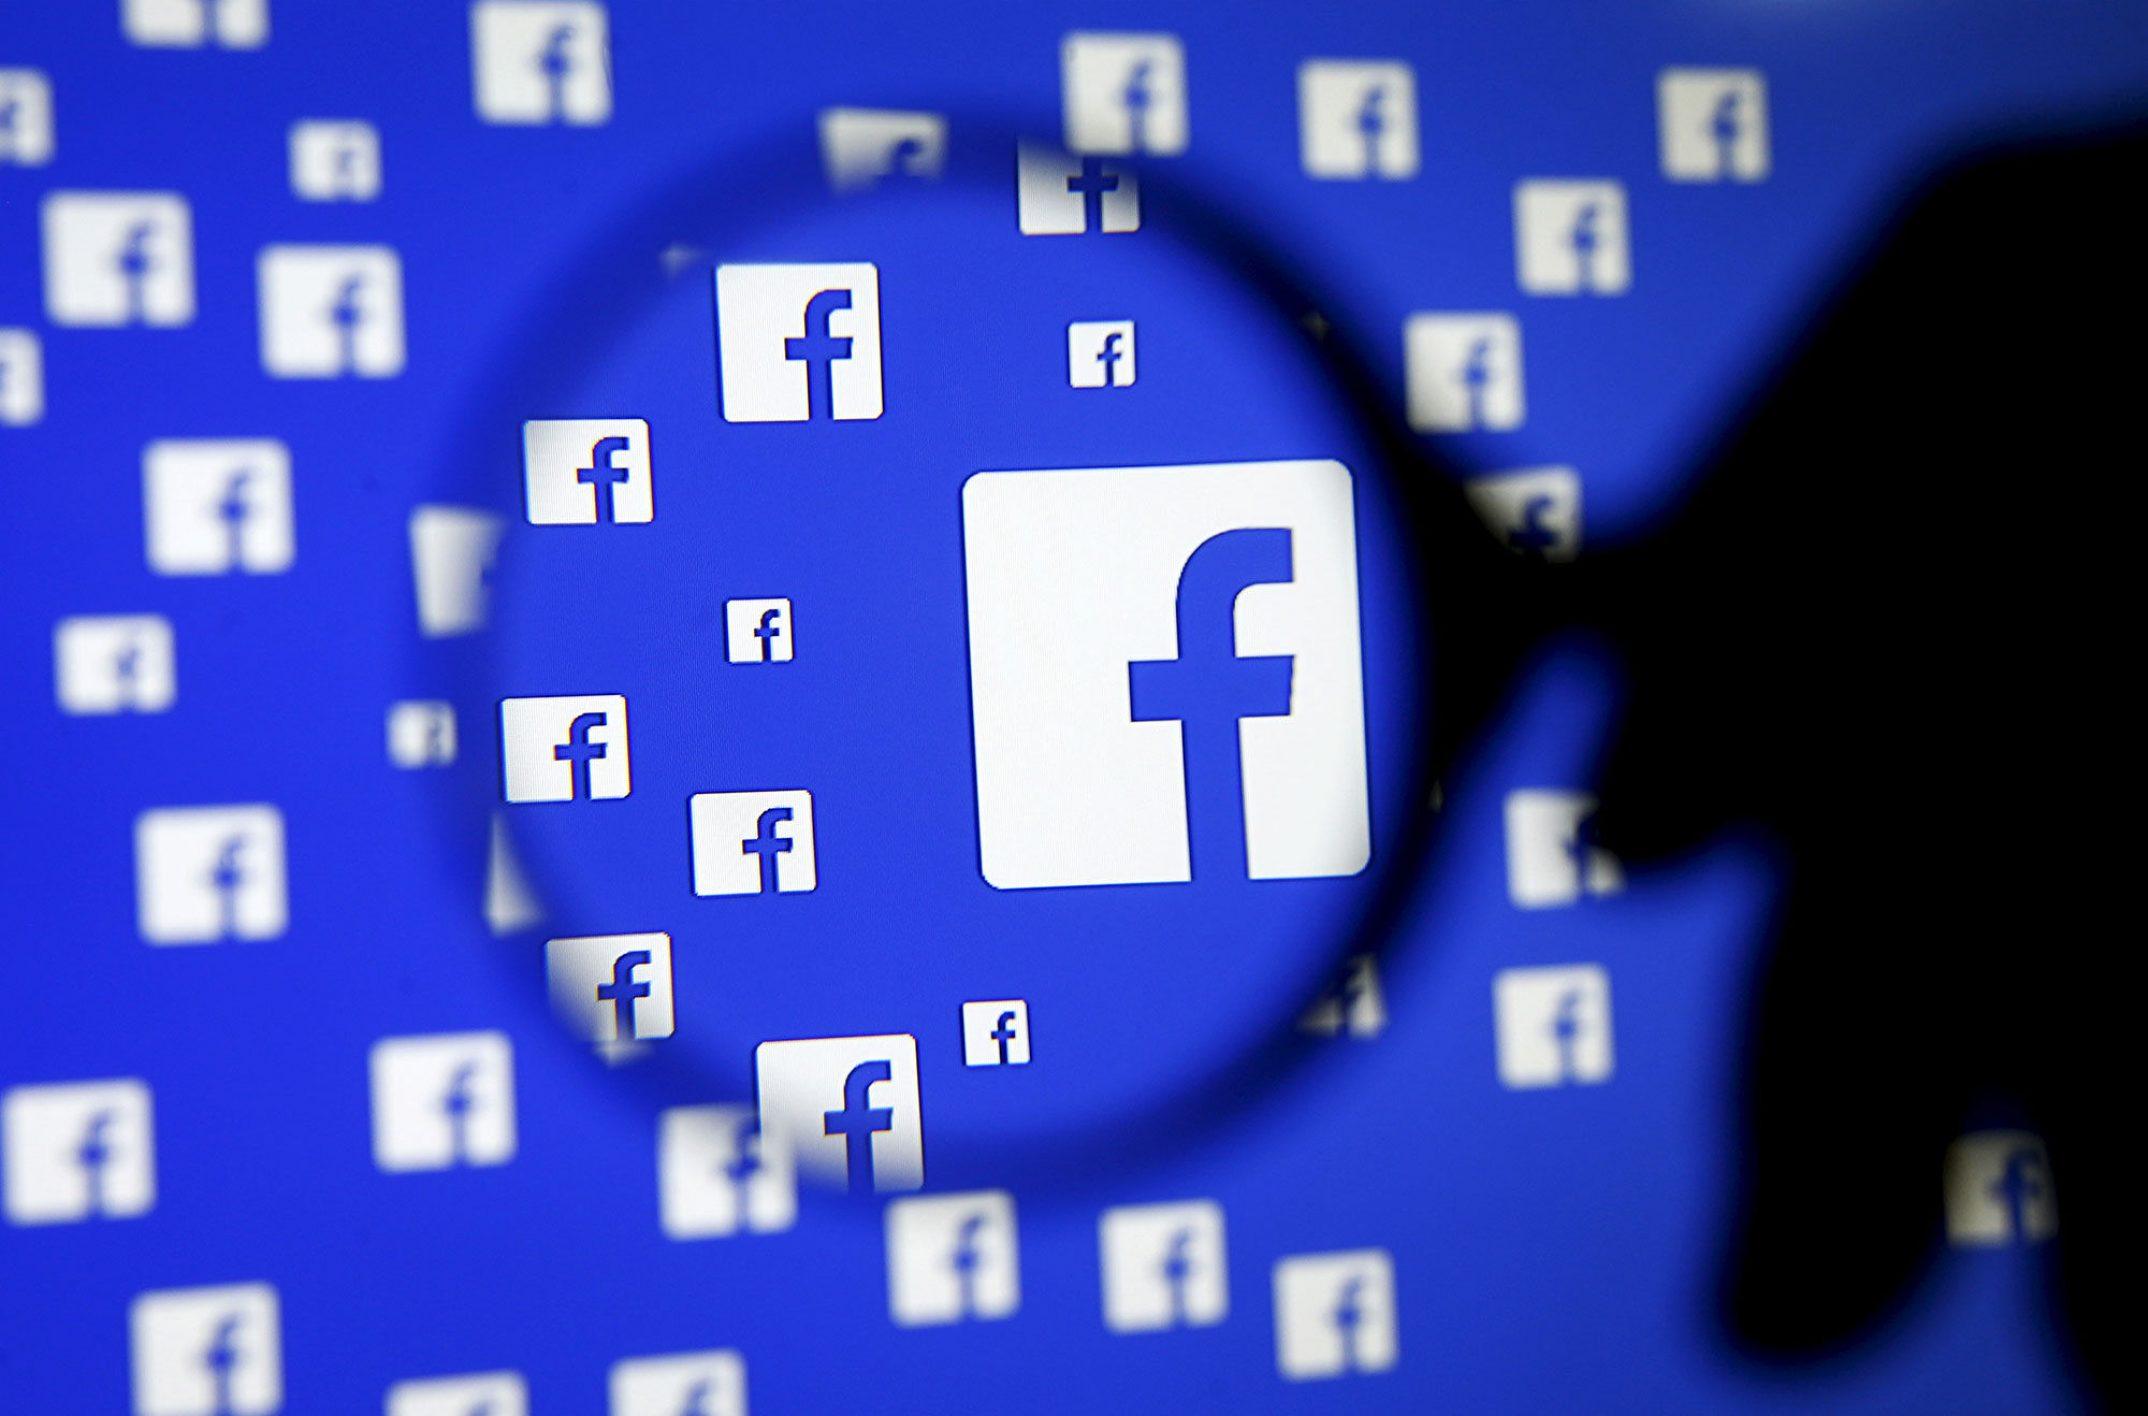 Supprimer un groupe facebook, quelles sont les étapes à appliquer ?